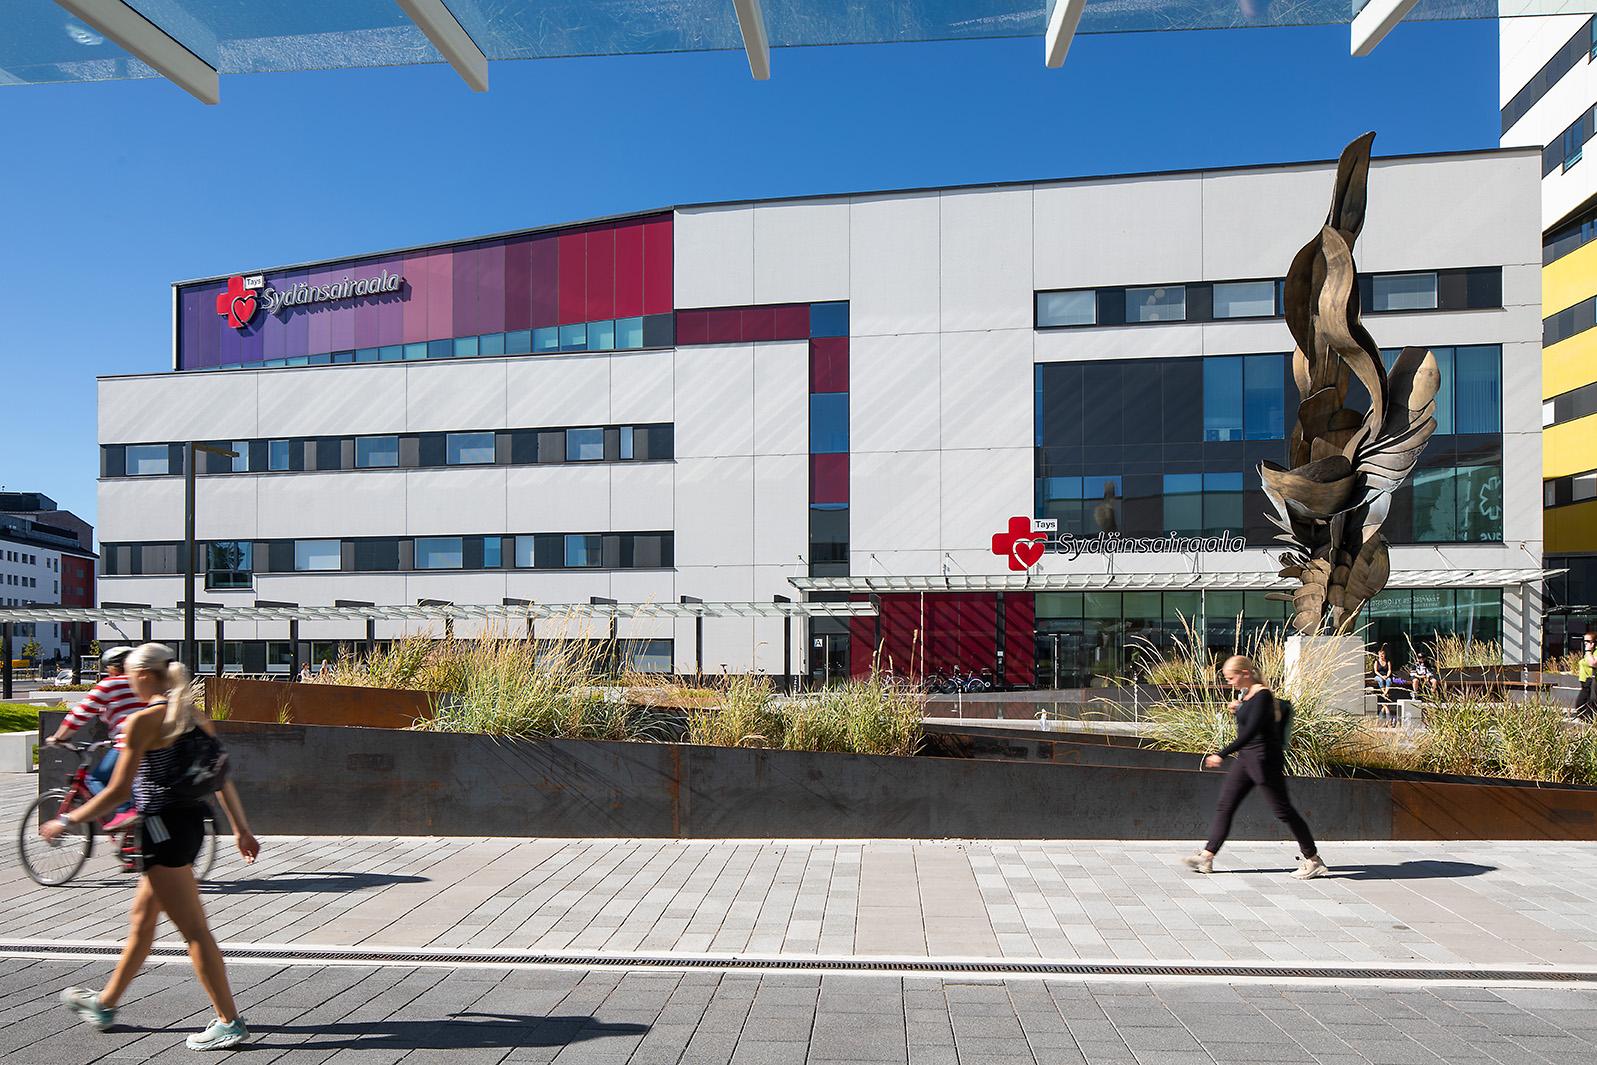 Sydänsairaalan rakennus ulkoapäin kuvattuna